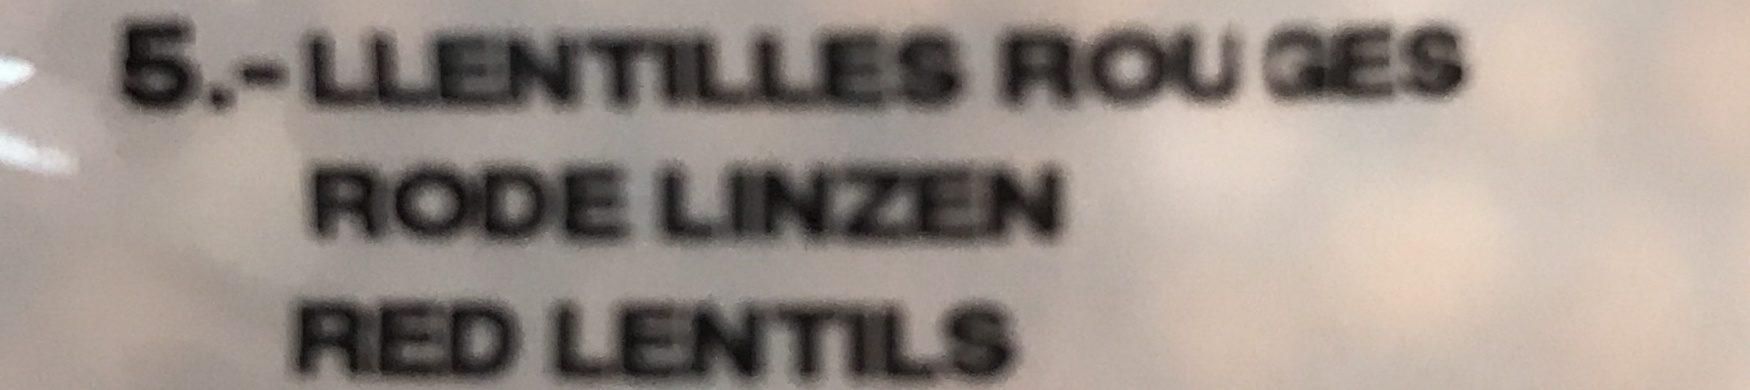 Lentilles rouges - Ingrediënten - fr